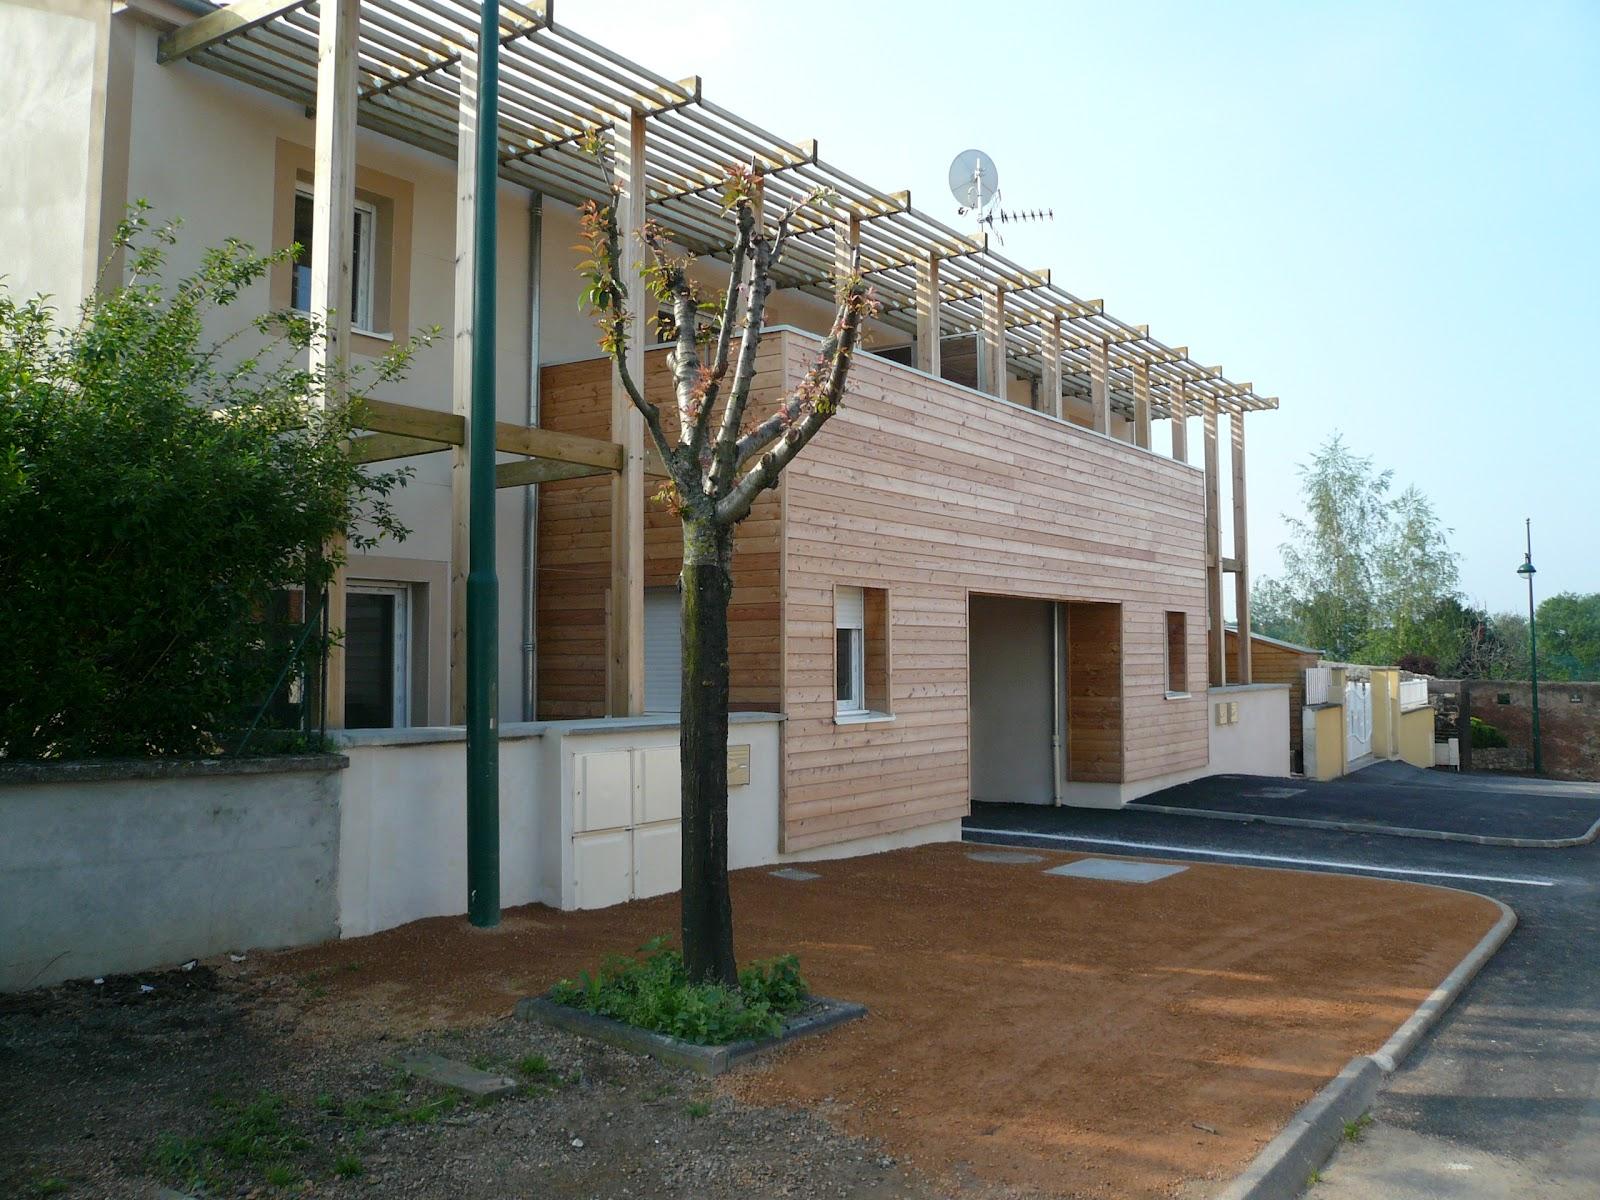 Chantier logements dallet 63 chm architectes for Chantier architecte